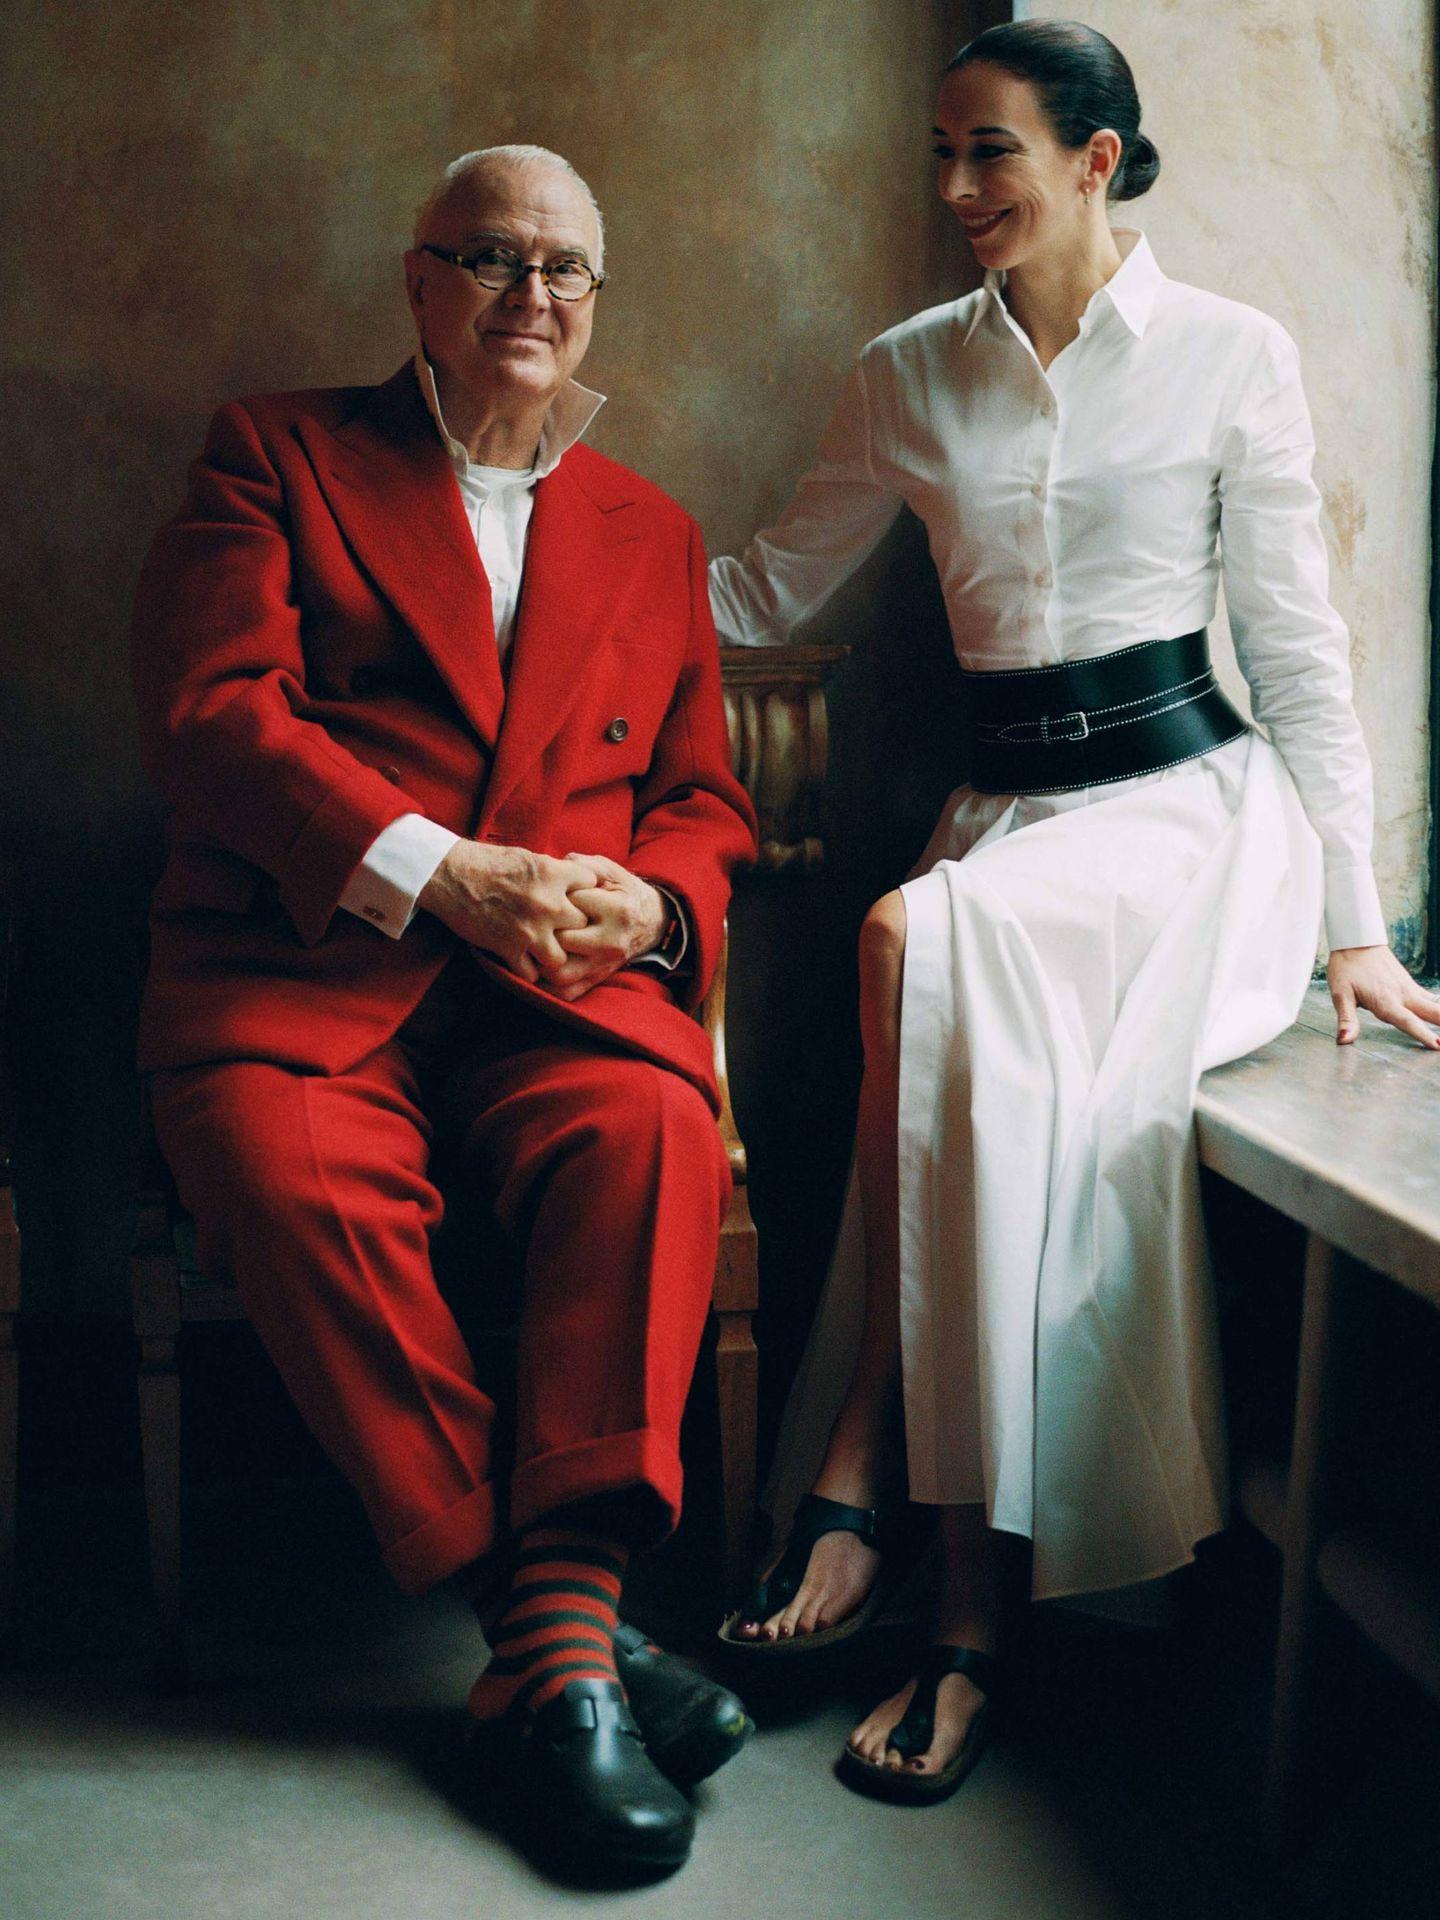 Manolo y Kristina Blahnik. (Cortesía de Birkenstock)